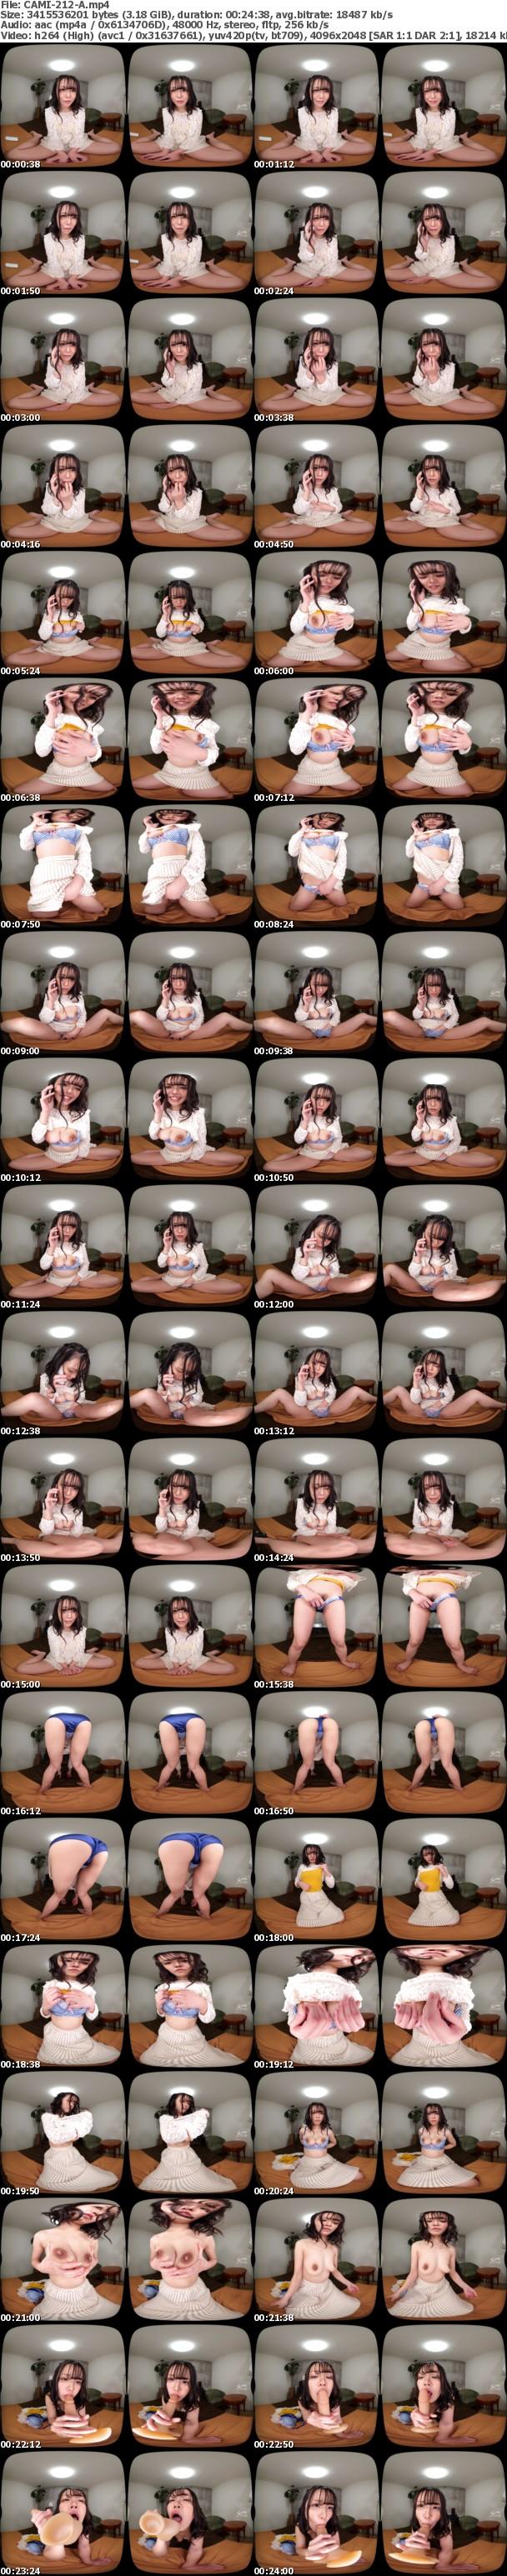 (VR) CAMI-212 はじめてのVR~真性ド絶倫22歳シングルマザーがVR初体験!フェロモン全開で生々しく悶え愉しむ~藍川美穂